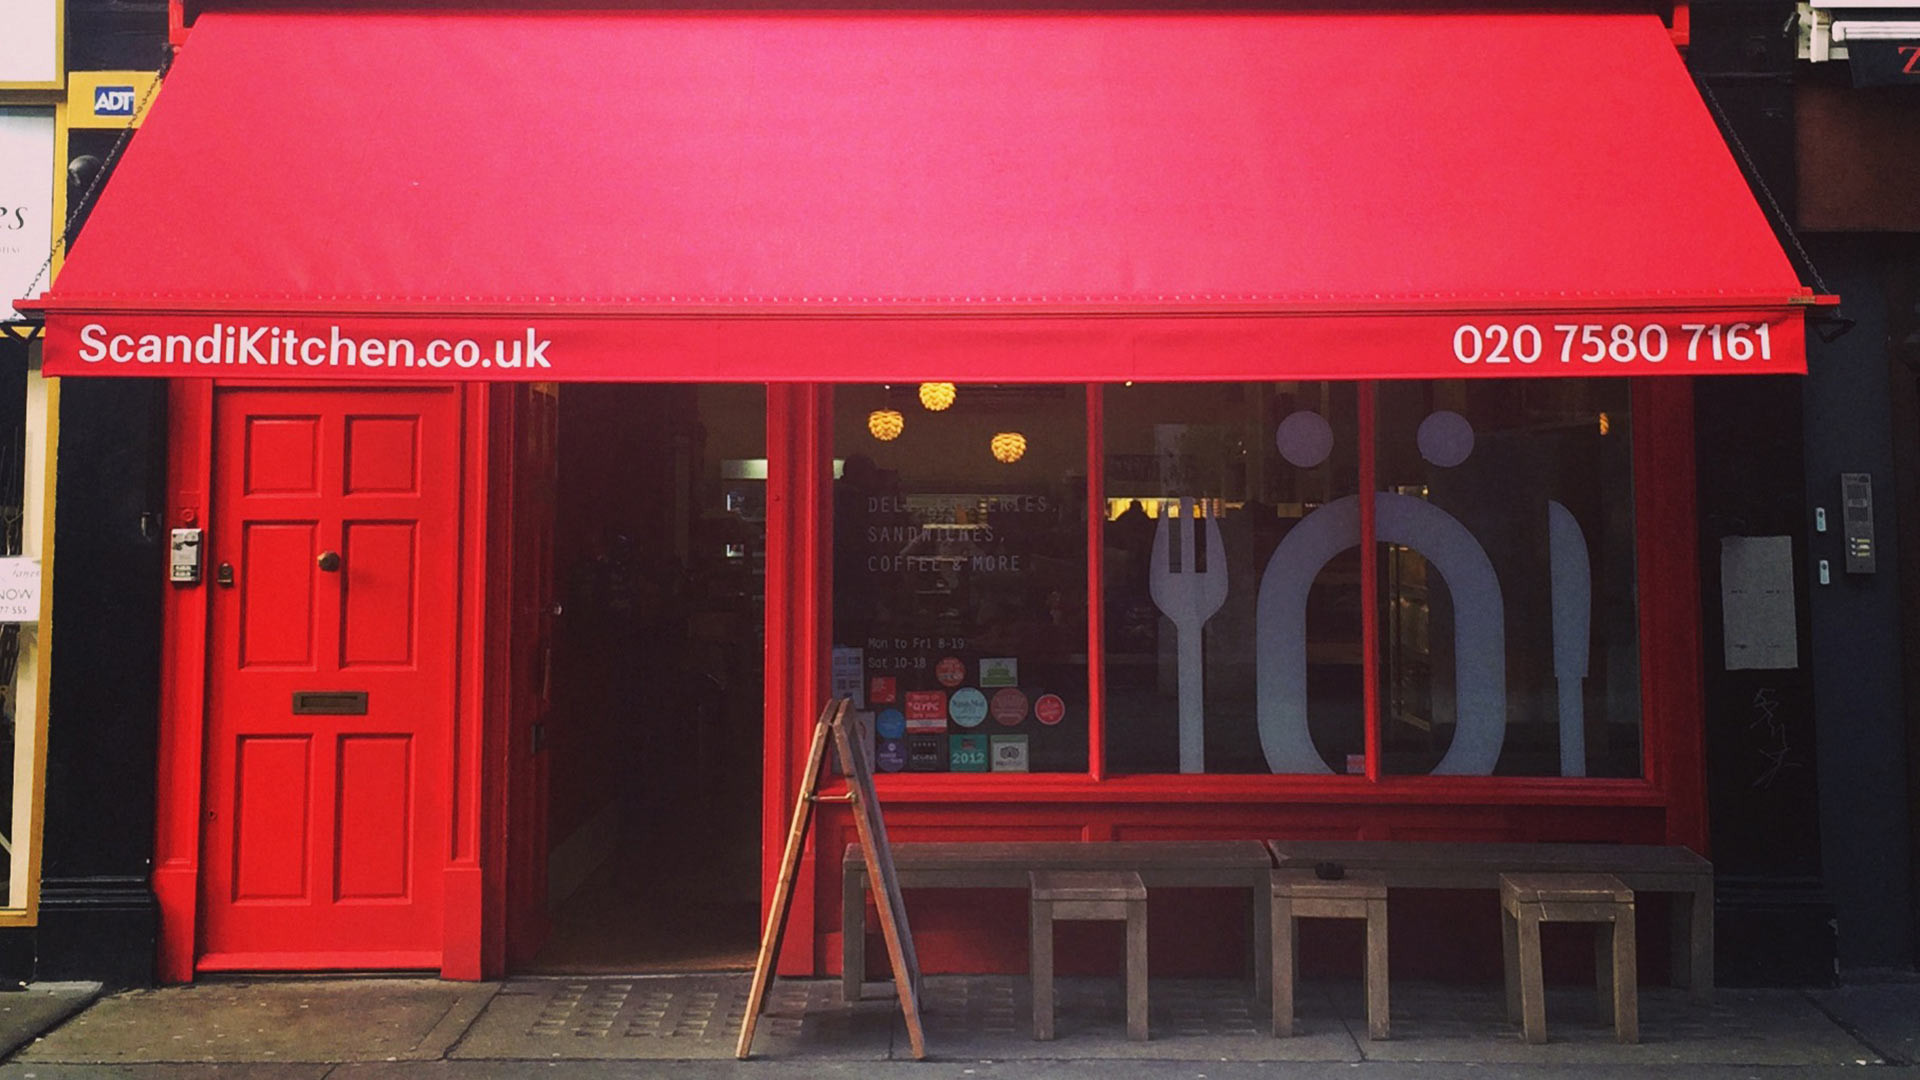 London's coffee shops: Scandi Kitchen